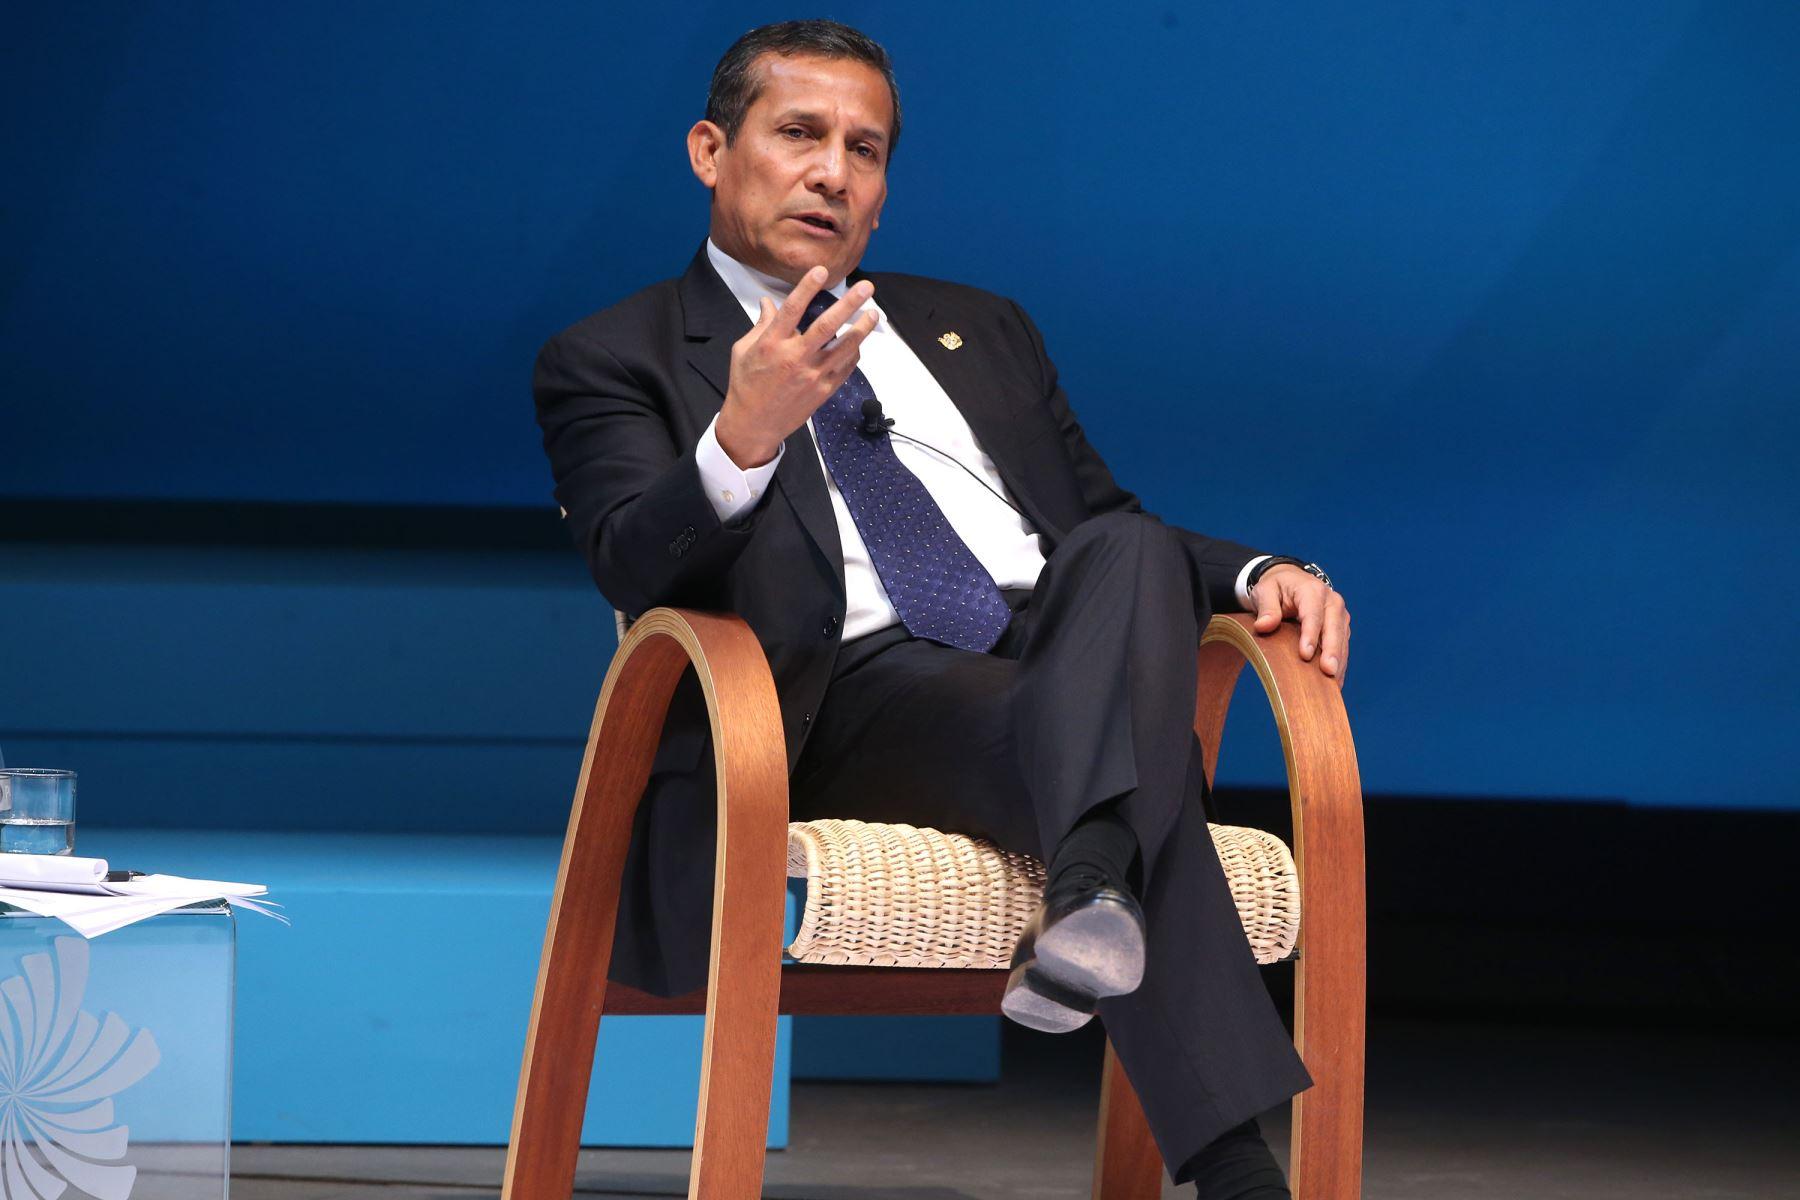 FRUTILLAR,CHILE-JUNIO 30.Jefe de estado Ollanta Humala,expone en la Cumbre  Empresarial de la Alianza del Pacífico. Foto: ANDINA/Juan Carlos Guzmán.